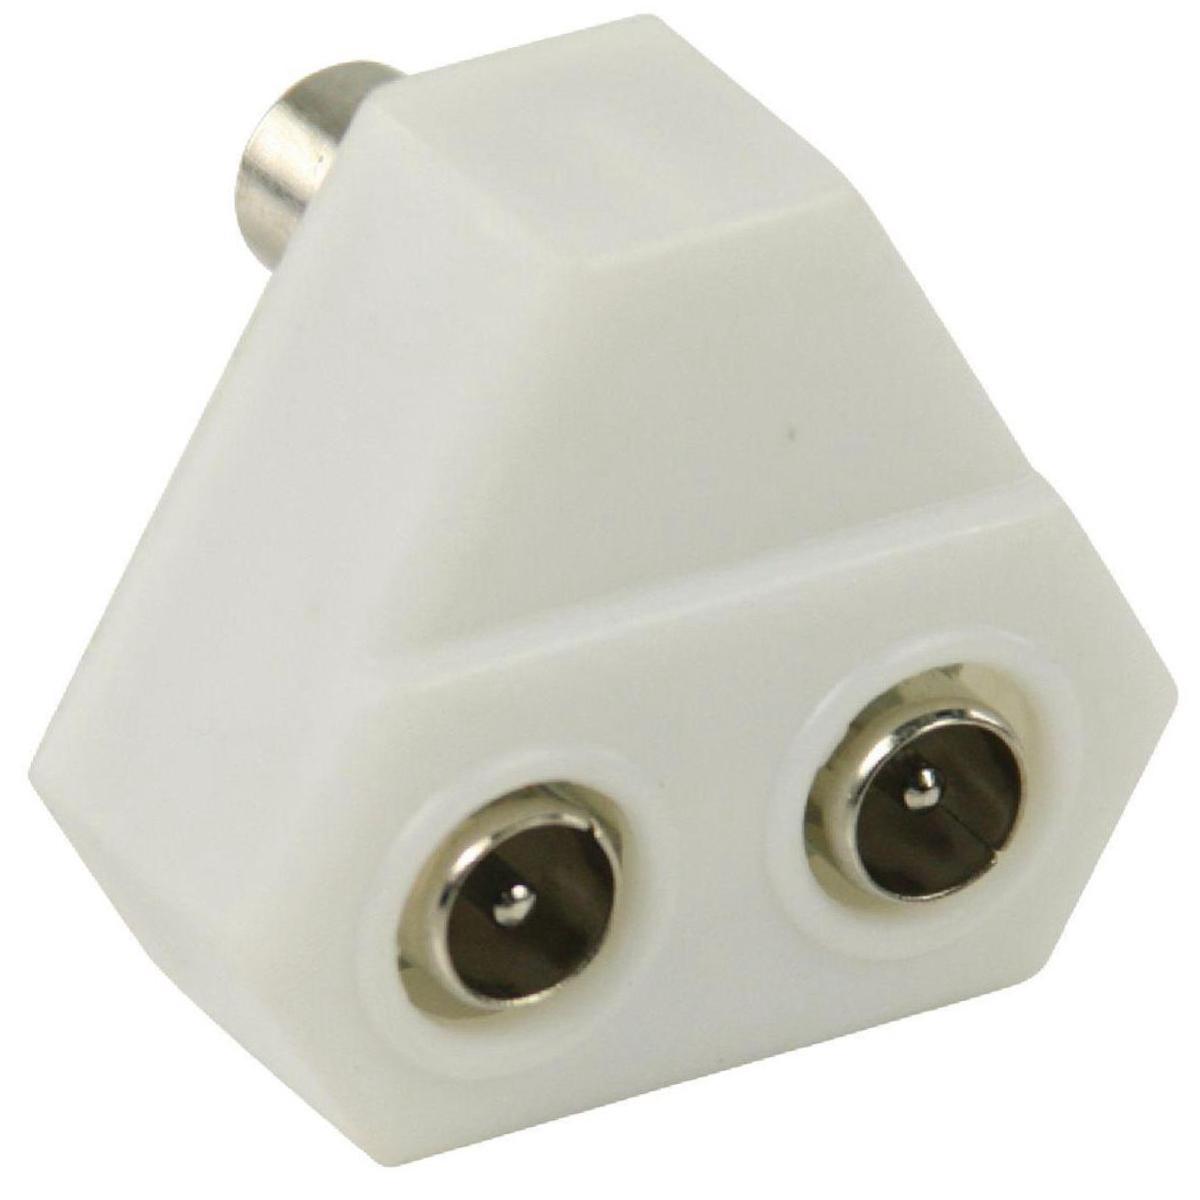 Magnifiek Coaxsplitter voor analoog of digitaal signaal bij Allekabels BW16